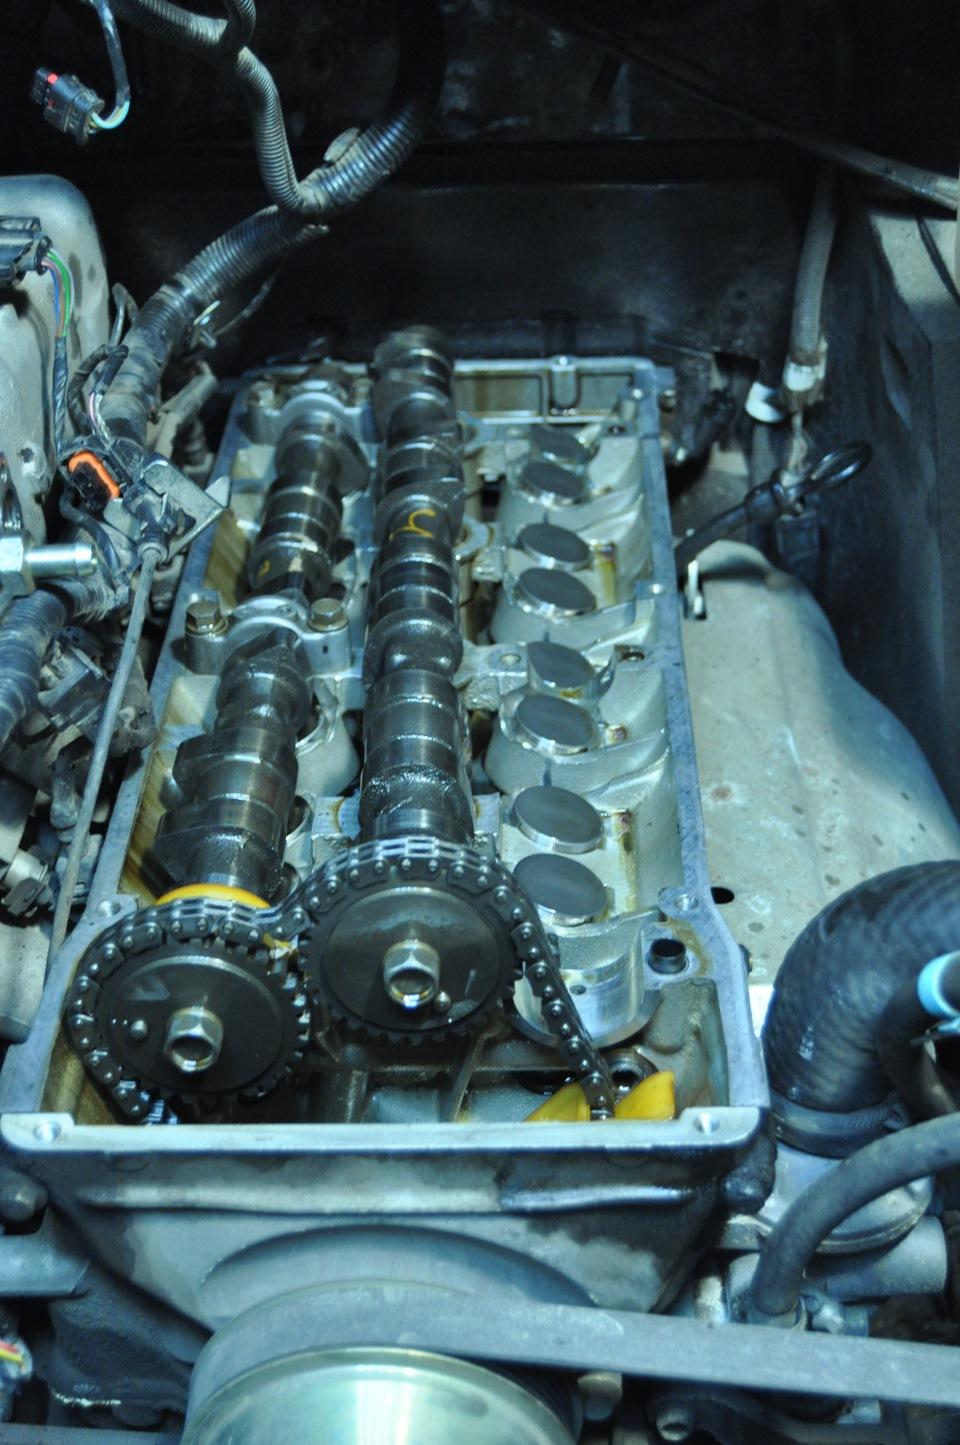 Замена гидрокомпенсаторов на 405 двигателе своими руками 31